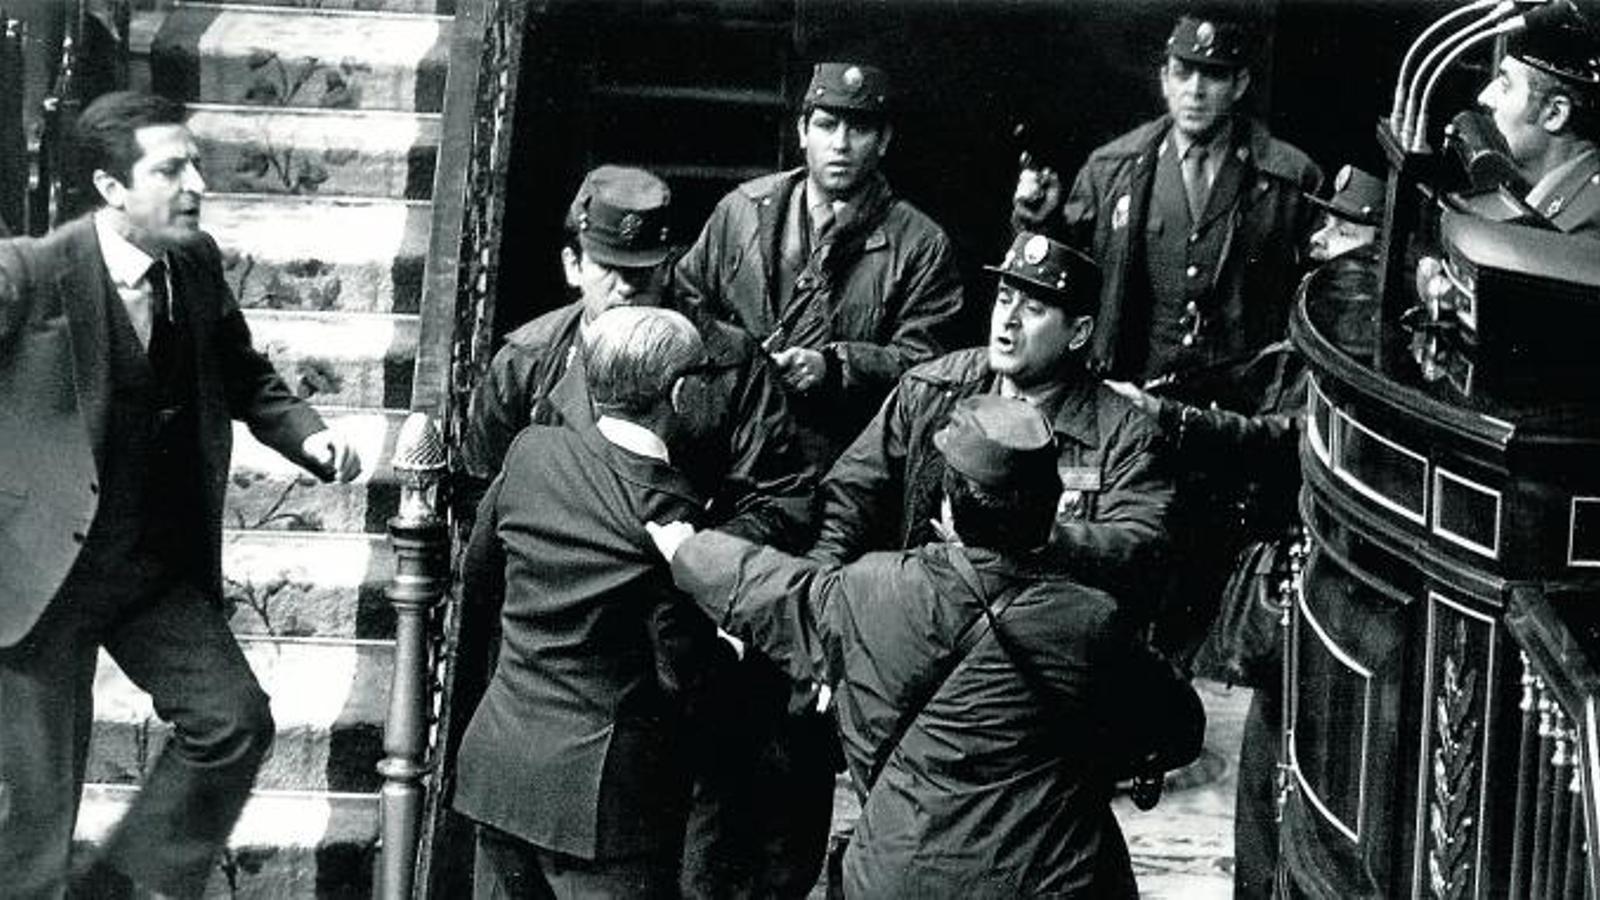 El 23 de febrer del 1981, quan Tejero va fer el cop d'estat, al Congrés es votava un nou president. Suárez, que havia dimitit uns dies abans, ho era en funcions i l'havia de substituir Leopoldo Calvo Sotelo, també de la Unió de Centre Democràtic.